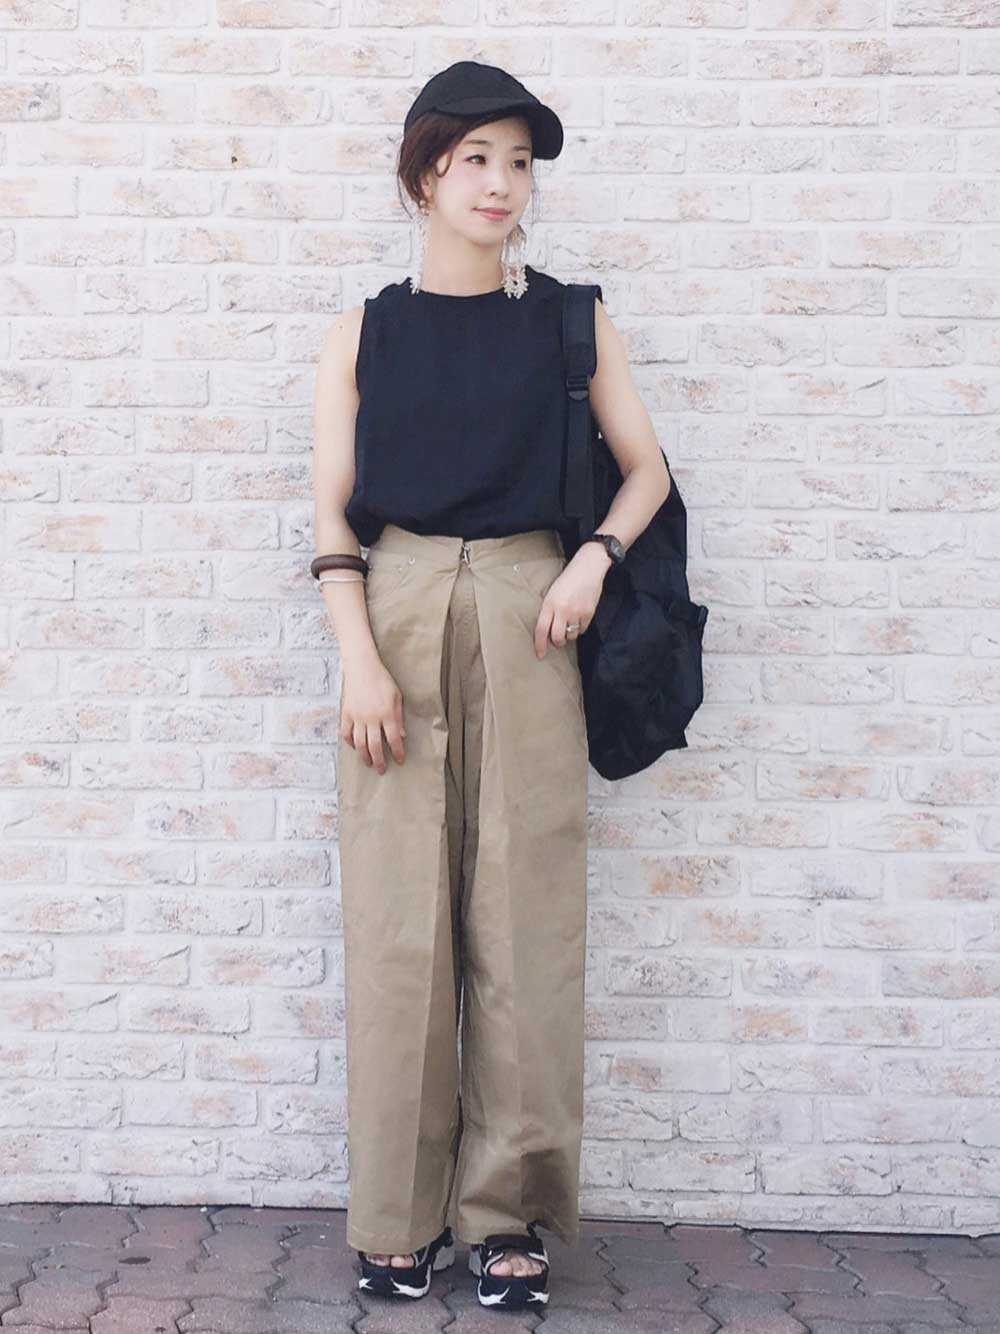 女子力アップの旅行ファッション♡華やぎスポカジコーデ12選